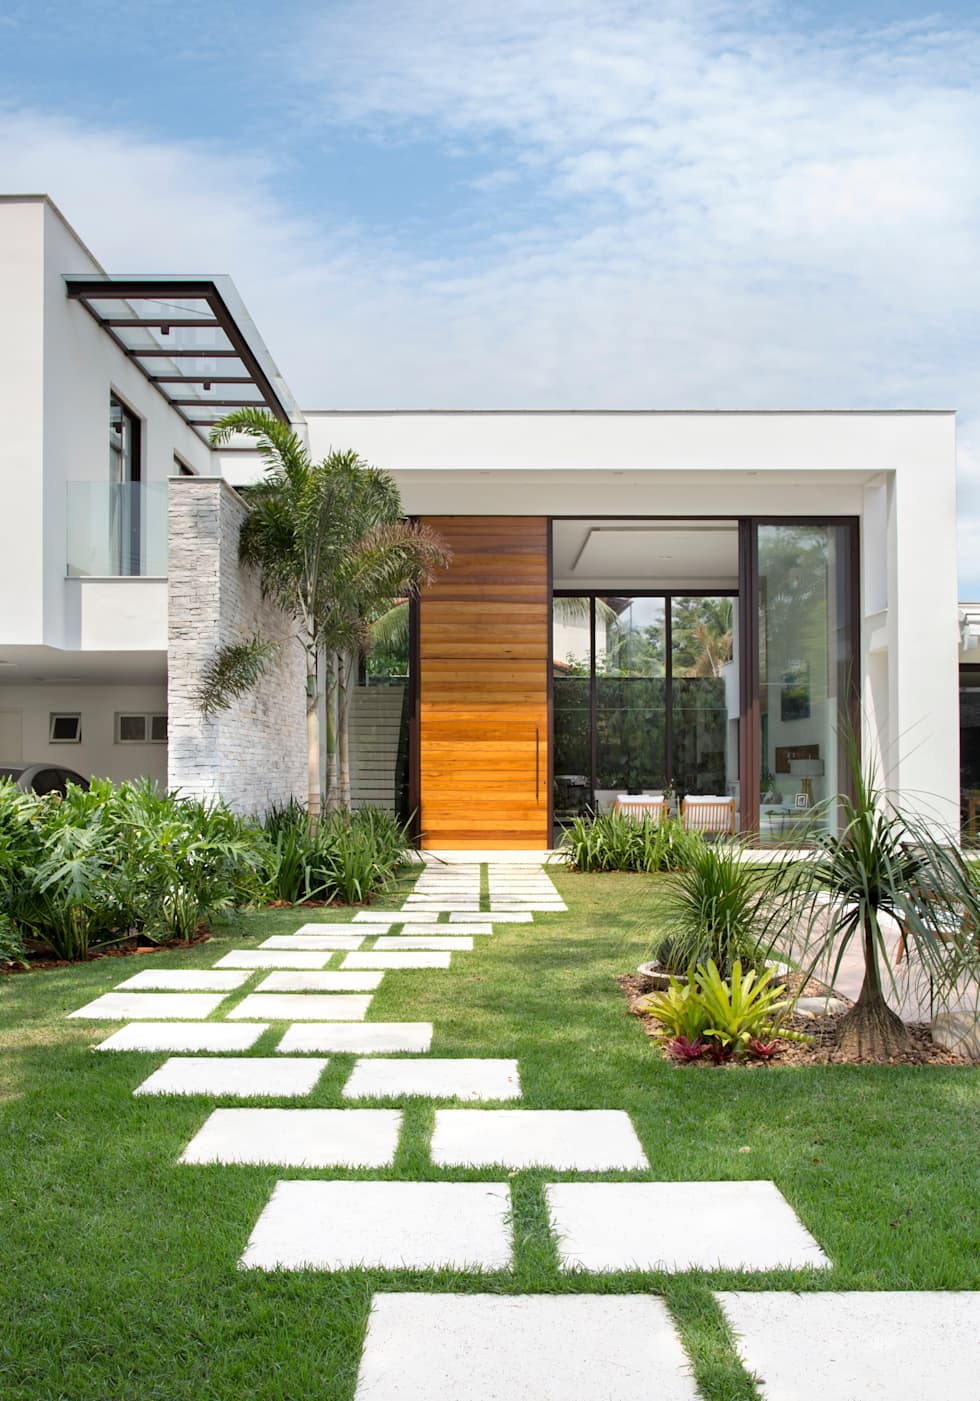 Fachada casa casas modernas por amanda miranda arquitetura homify - Entrada de casas modernas ...